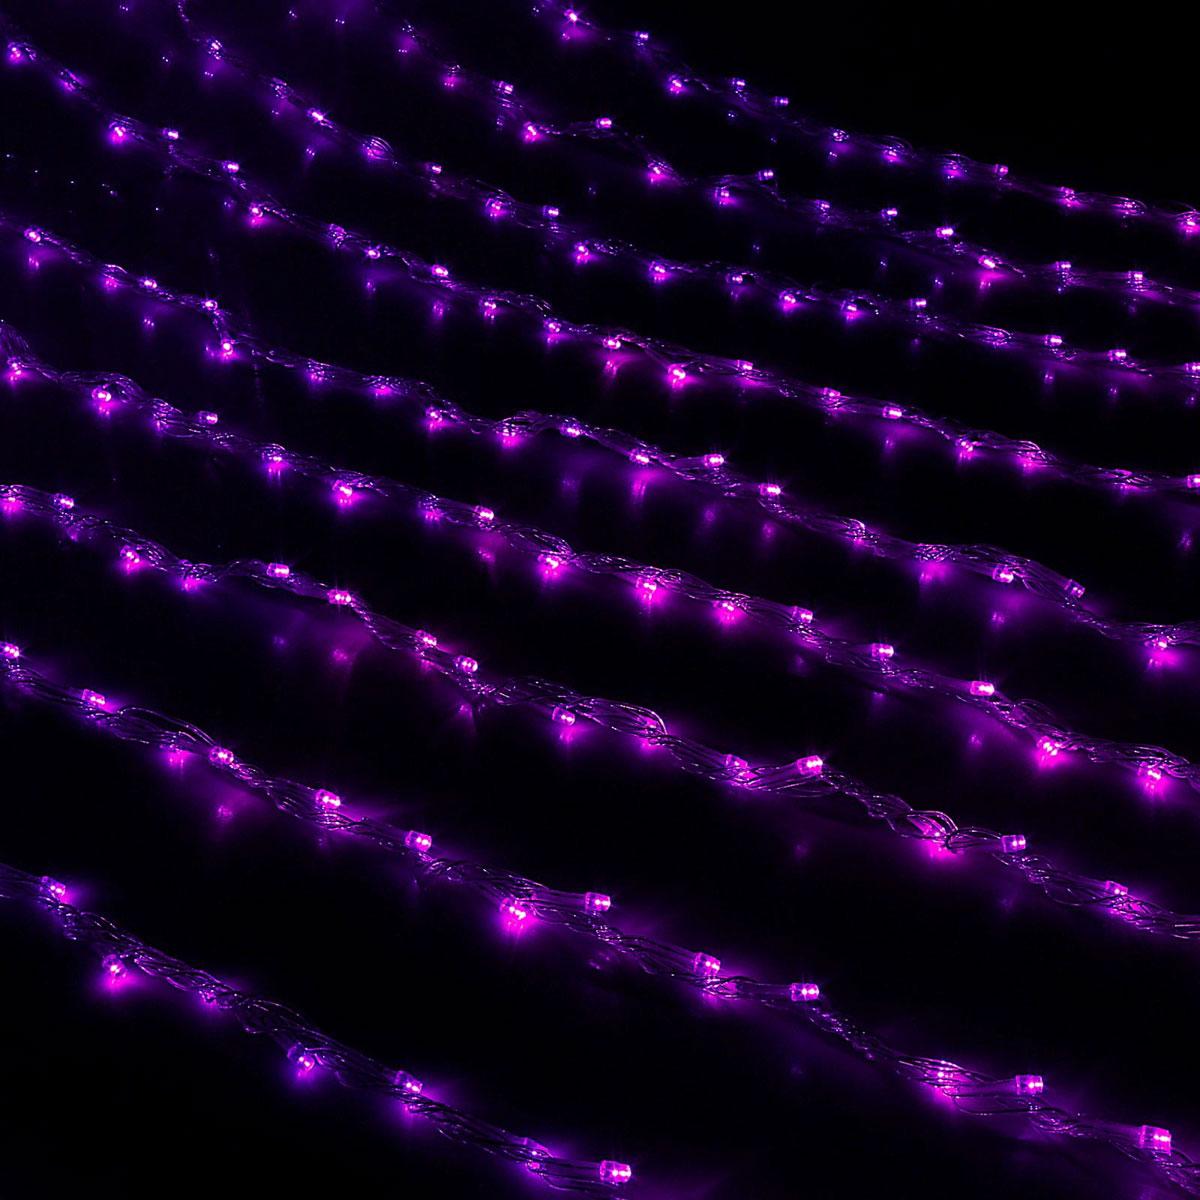 Гирлянда светодиодная Luazon Дождь, цвет: фиолетовый, 300 ламп, 8 режимов, 220 V, 1,5 х 1 м187187Светодиодные гирлянды и ленты — это отличный вариант для новогоднего оформления интерьера или фасада. С их помощью помещение любого размера можно превратить в праздничный зал, а внешние элементы зданий, украшенные ими, мгновенно станут напоминать очертания сказочного дворца. Такие украшения создают ауру предвкушения чуда. Деревья, фасады, витрины, окна и арки будто специально созданы, чтобы вы украсили их светящимися нитями.